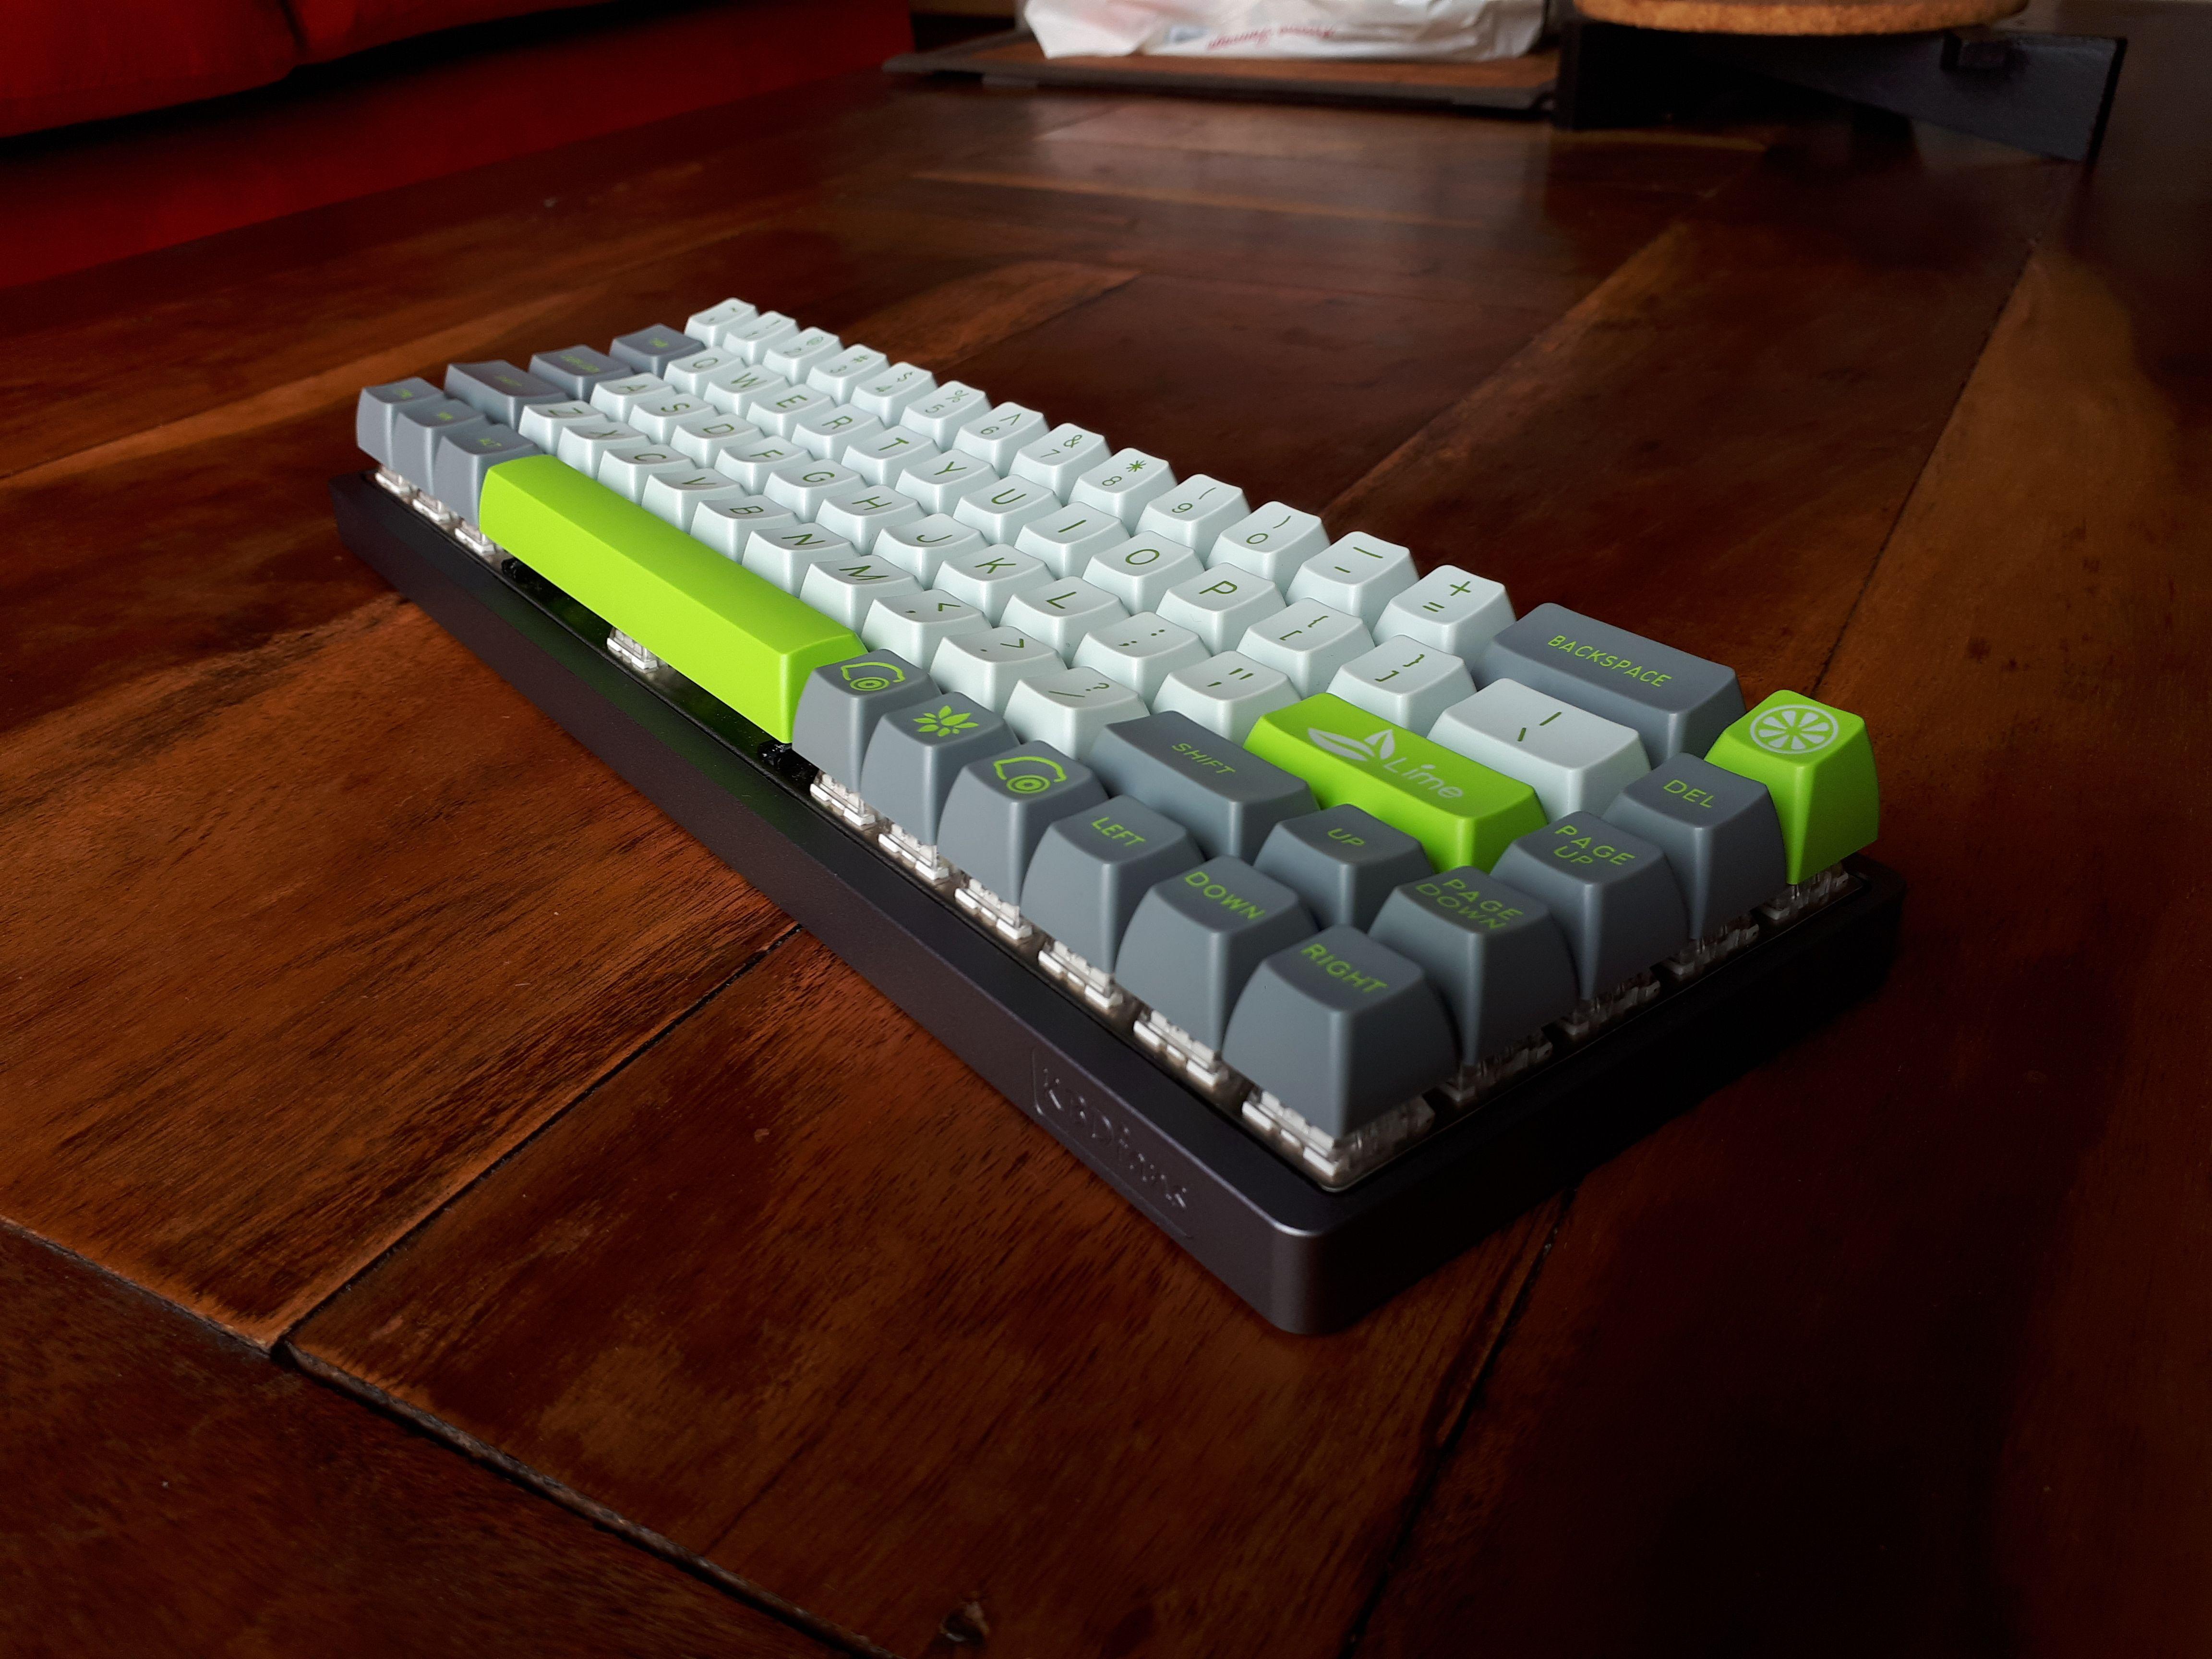 MAXKEY SA KA Keycaps set | clak | Computer keyboard, Keyboard, Audio